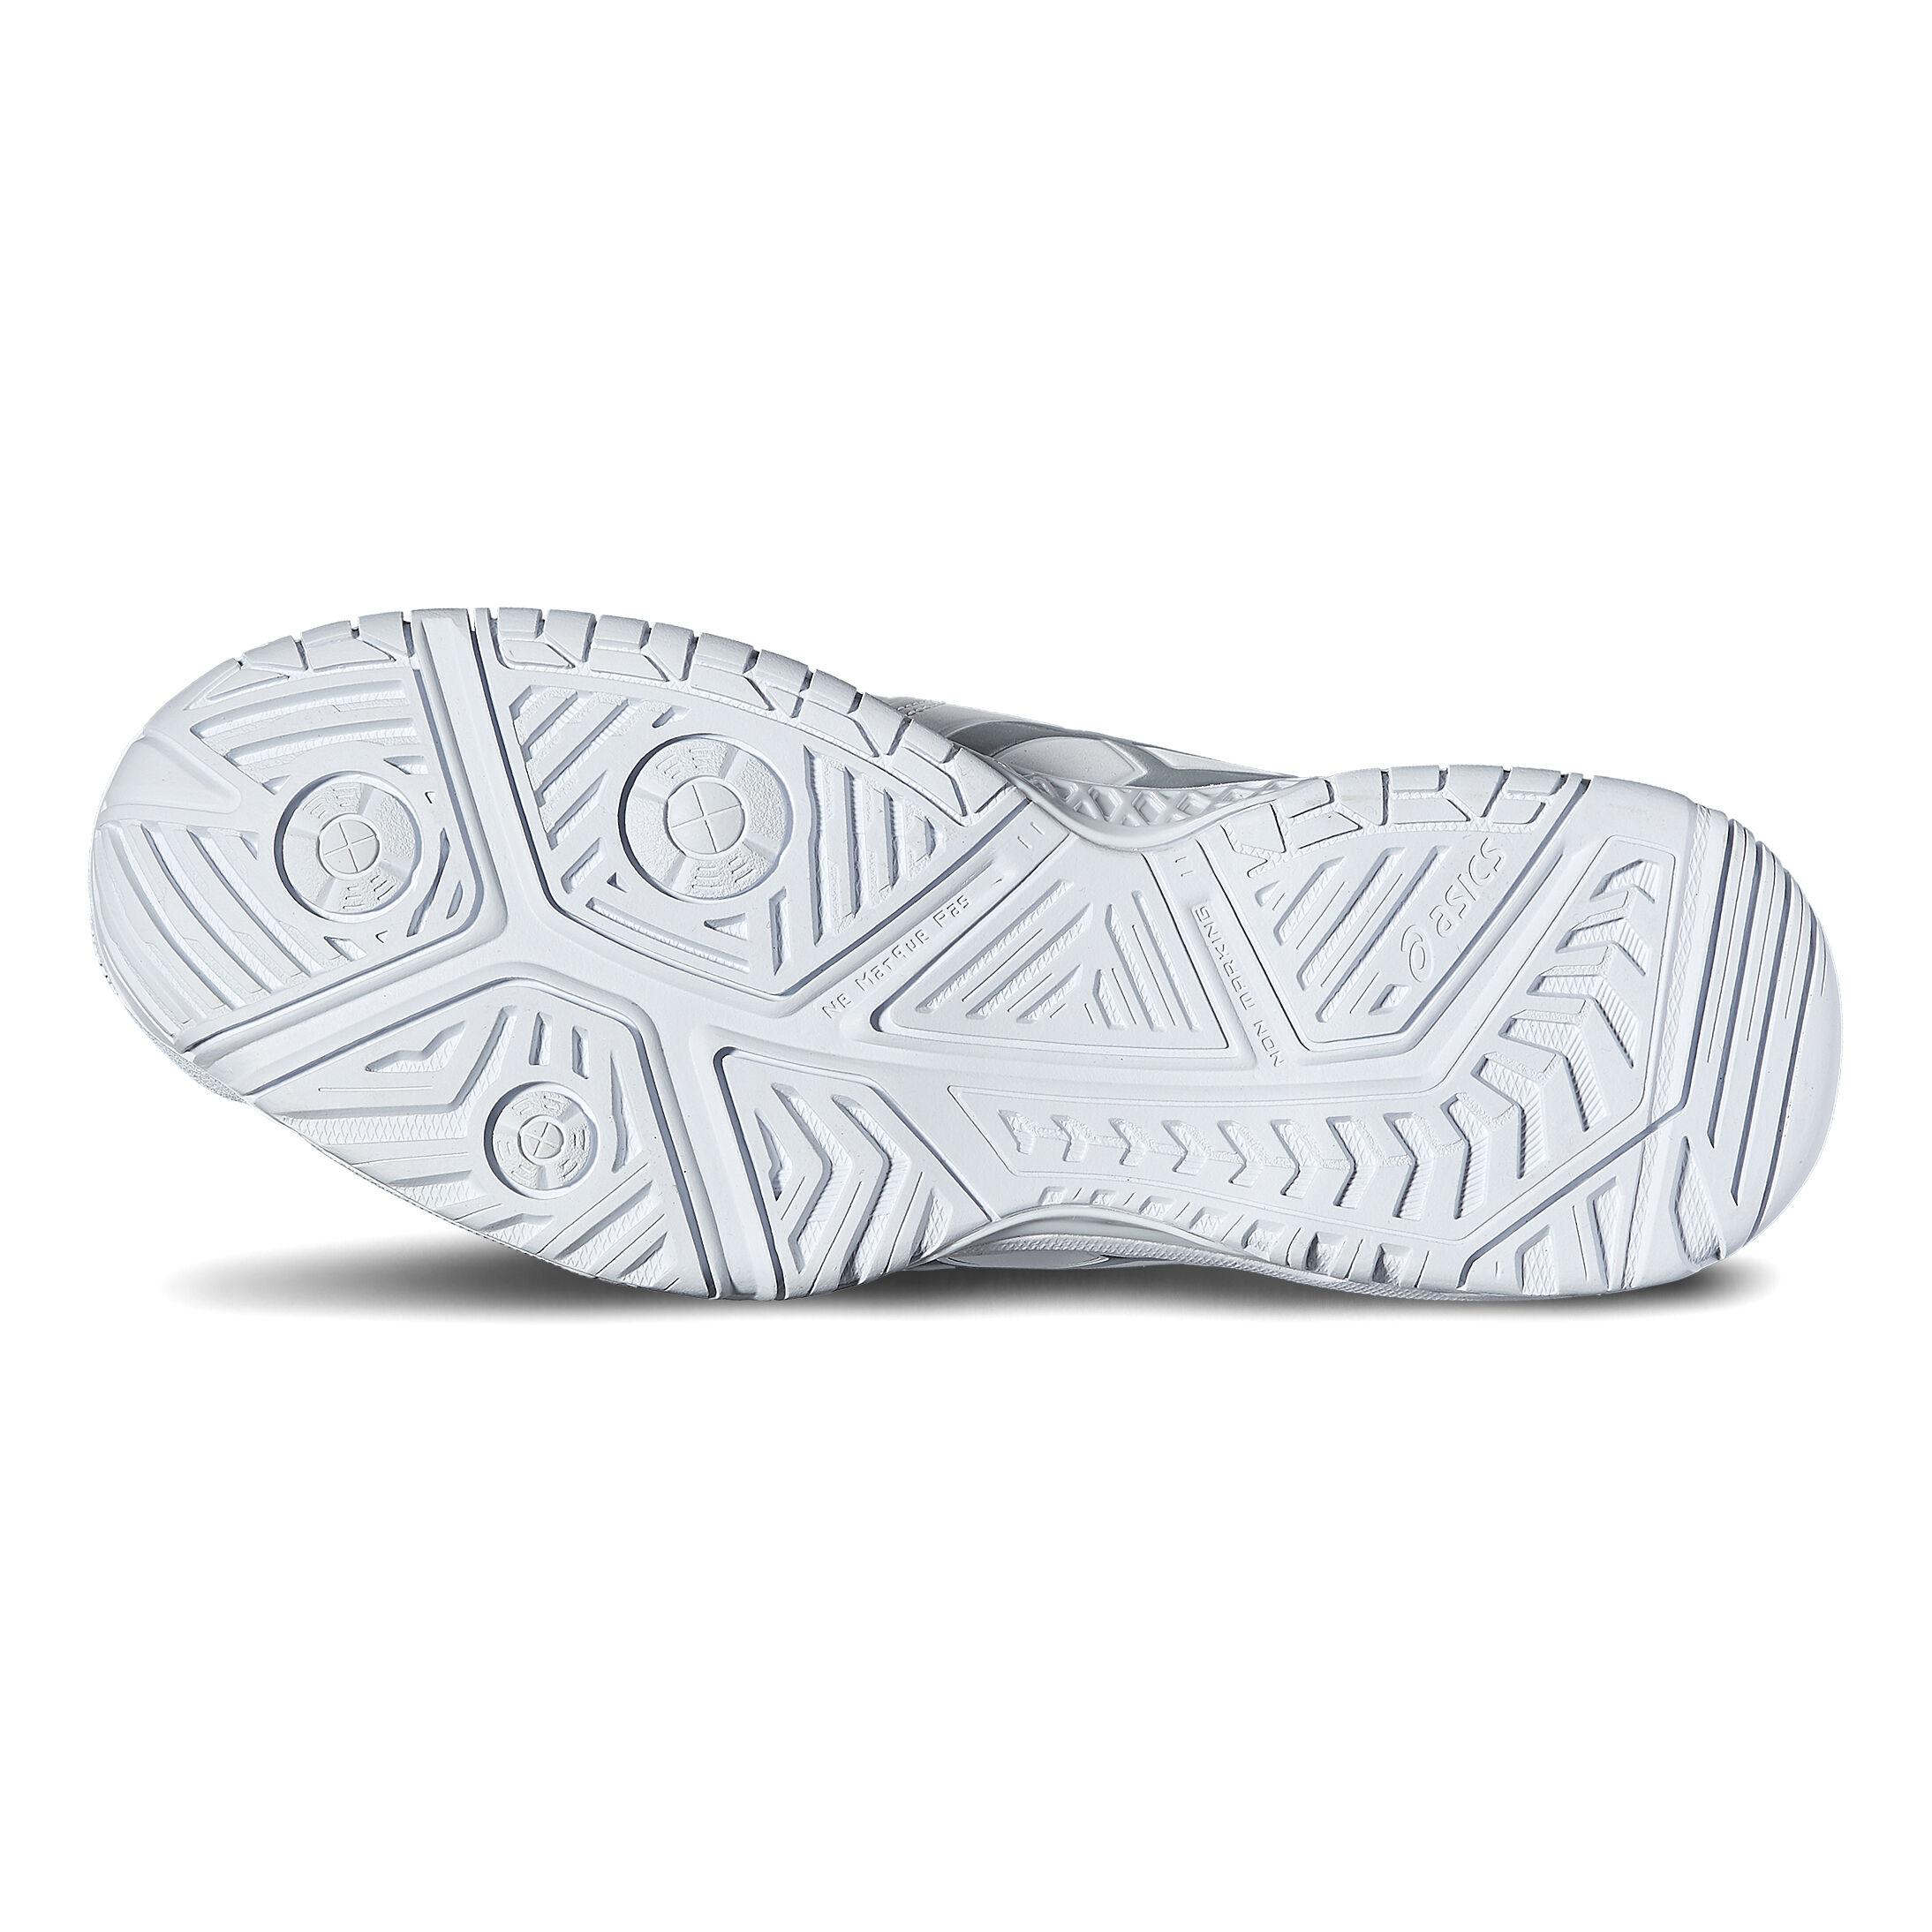 Asics Gel Resolution 7 Allcourt sko Damer Hvid, Sølv køb